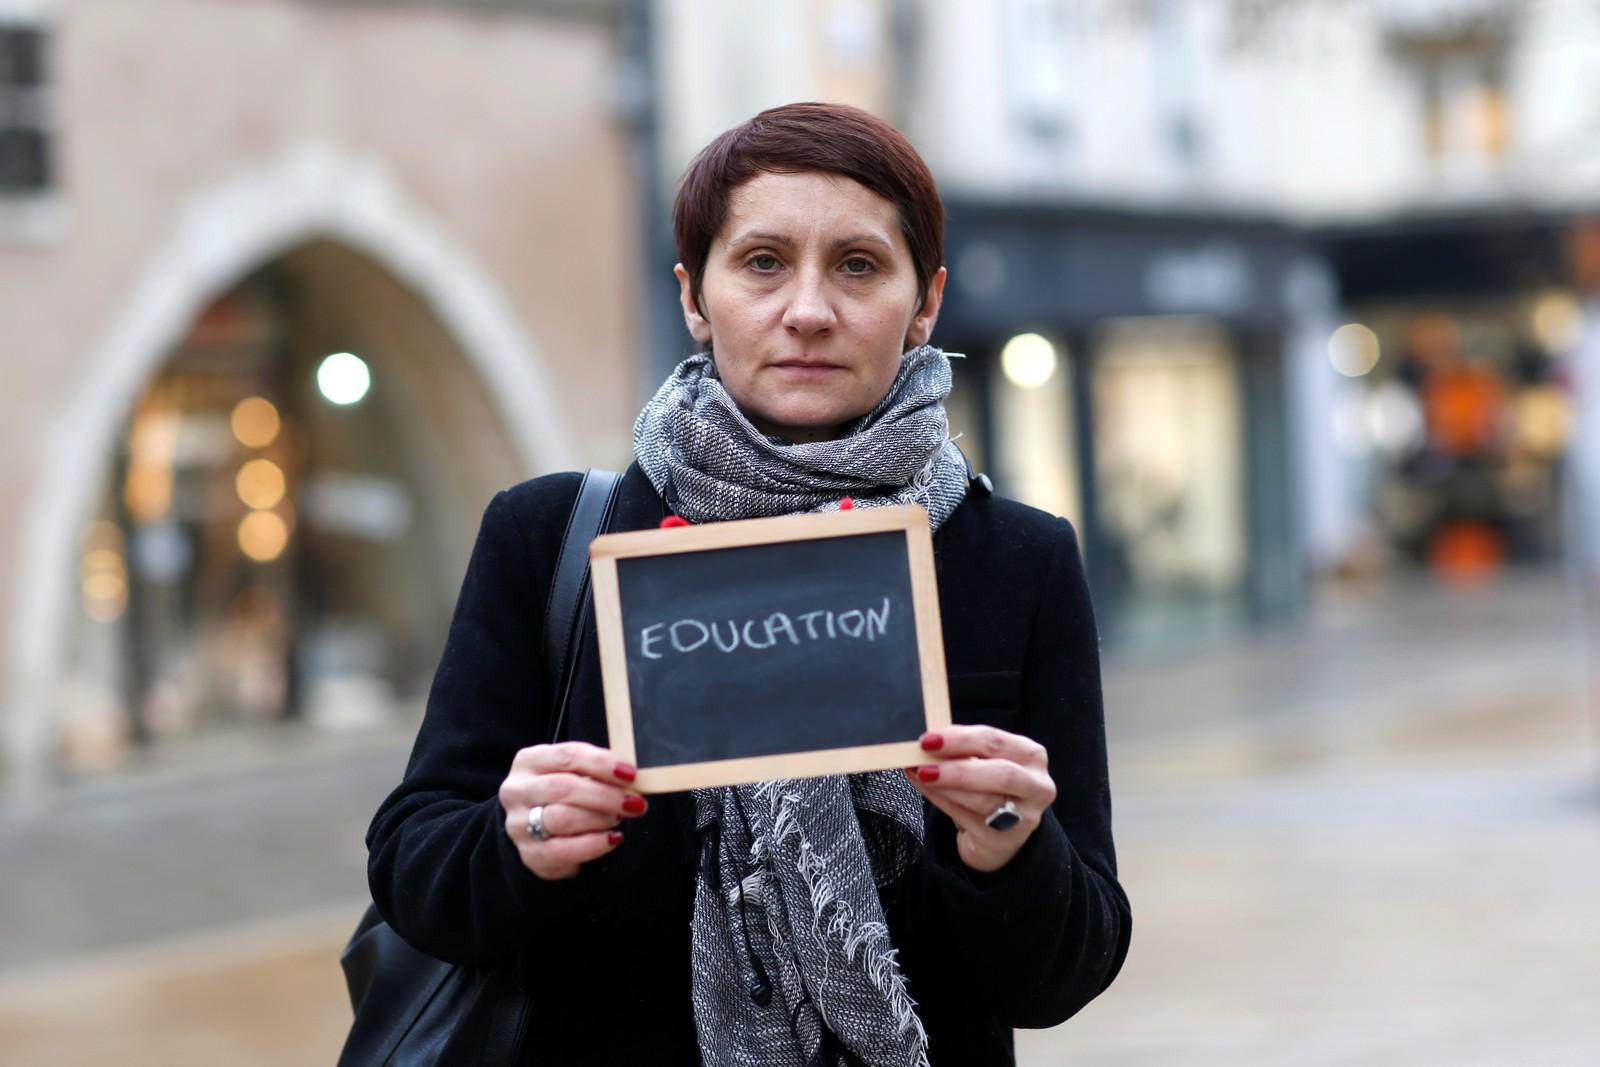 For lærerinnen Nathalie Harlingue (41) er det, ikke overraskende, utdanning som er det viktigste tema i valgkampen.